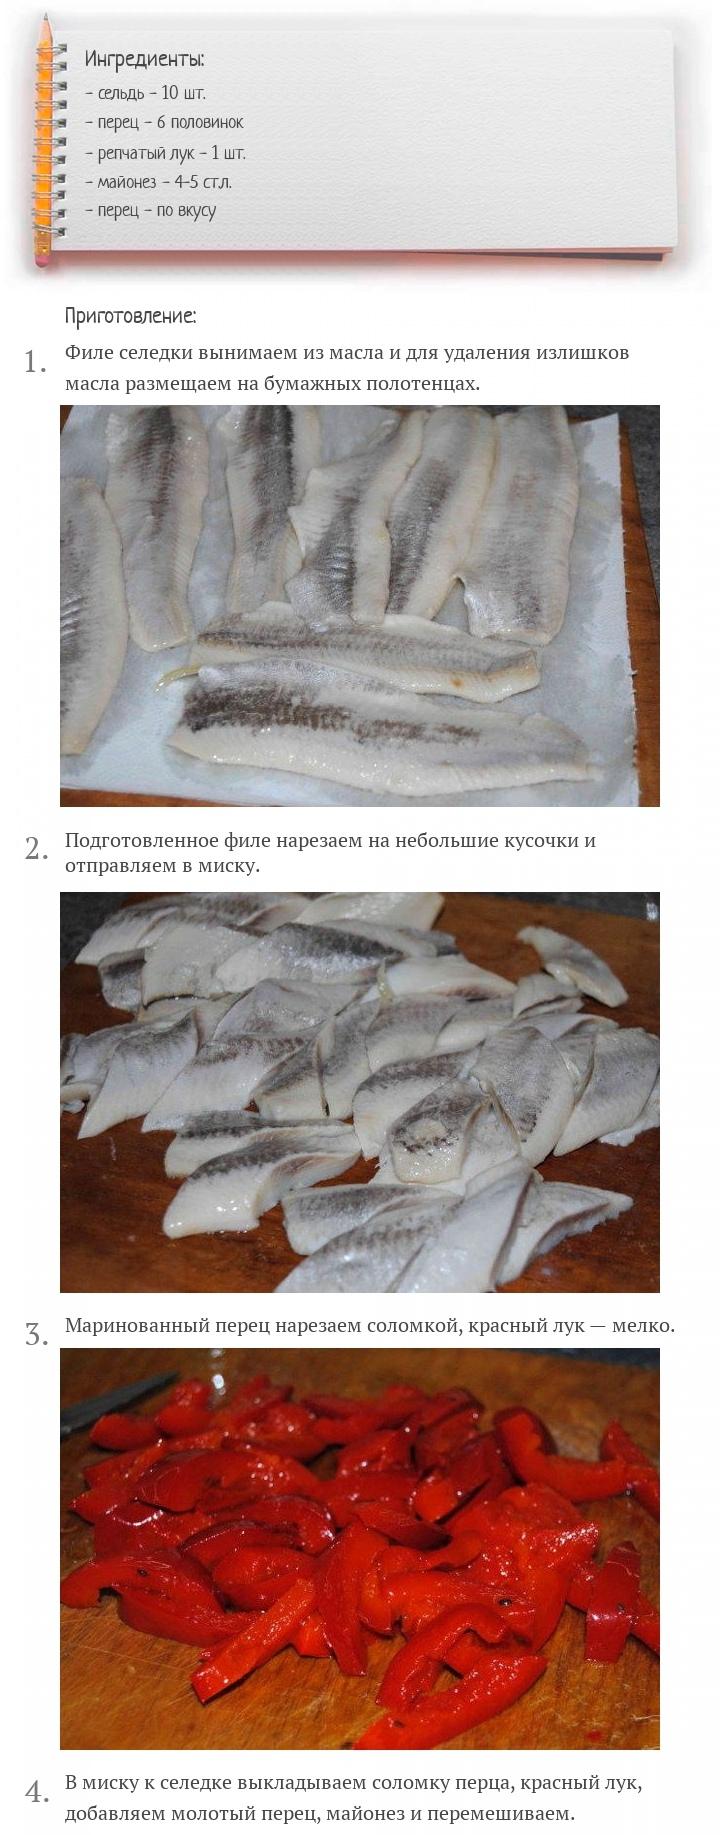 Соленая селедка с перцем и майонезом, изображение №2